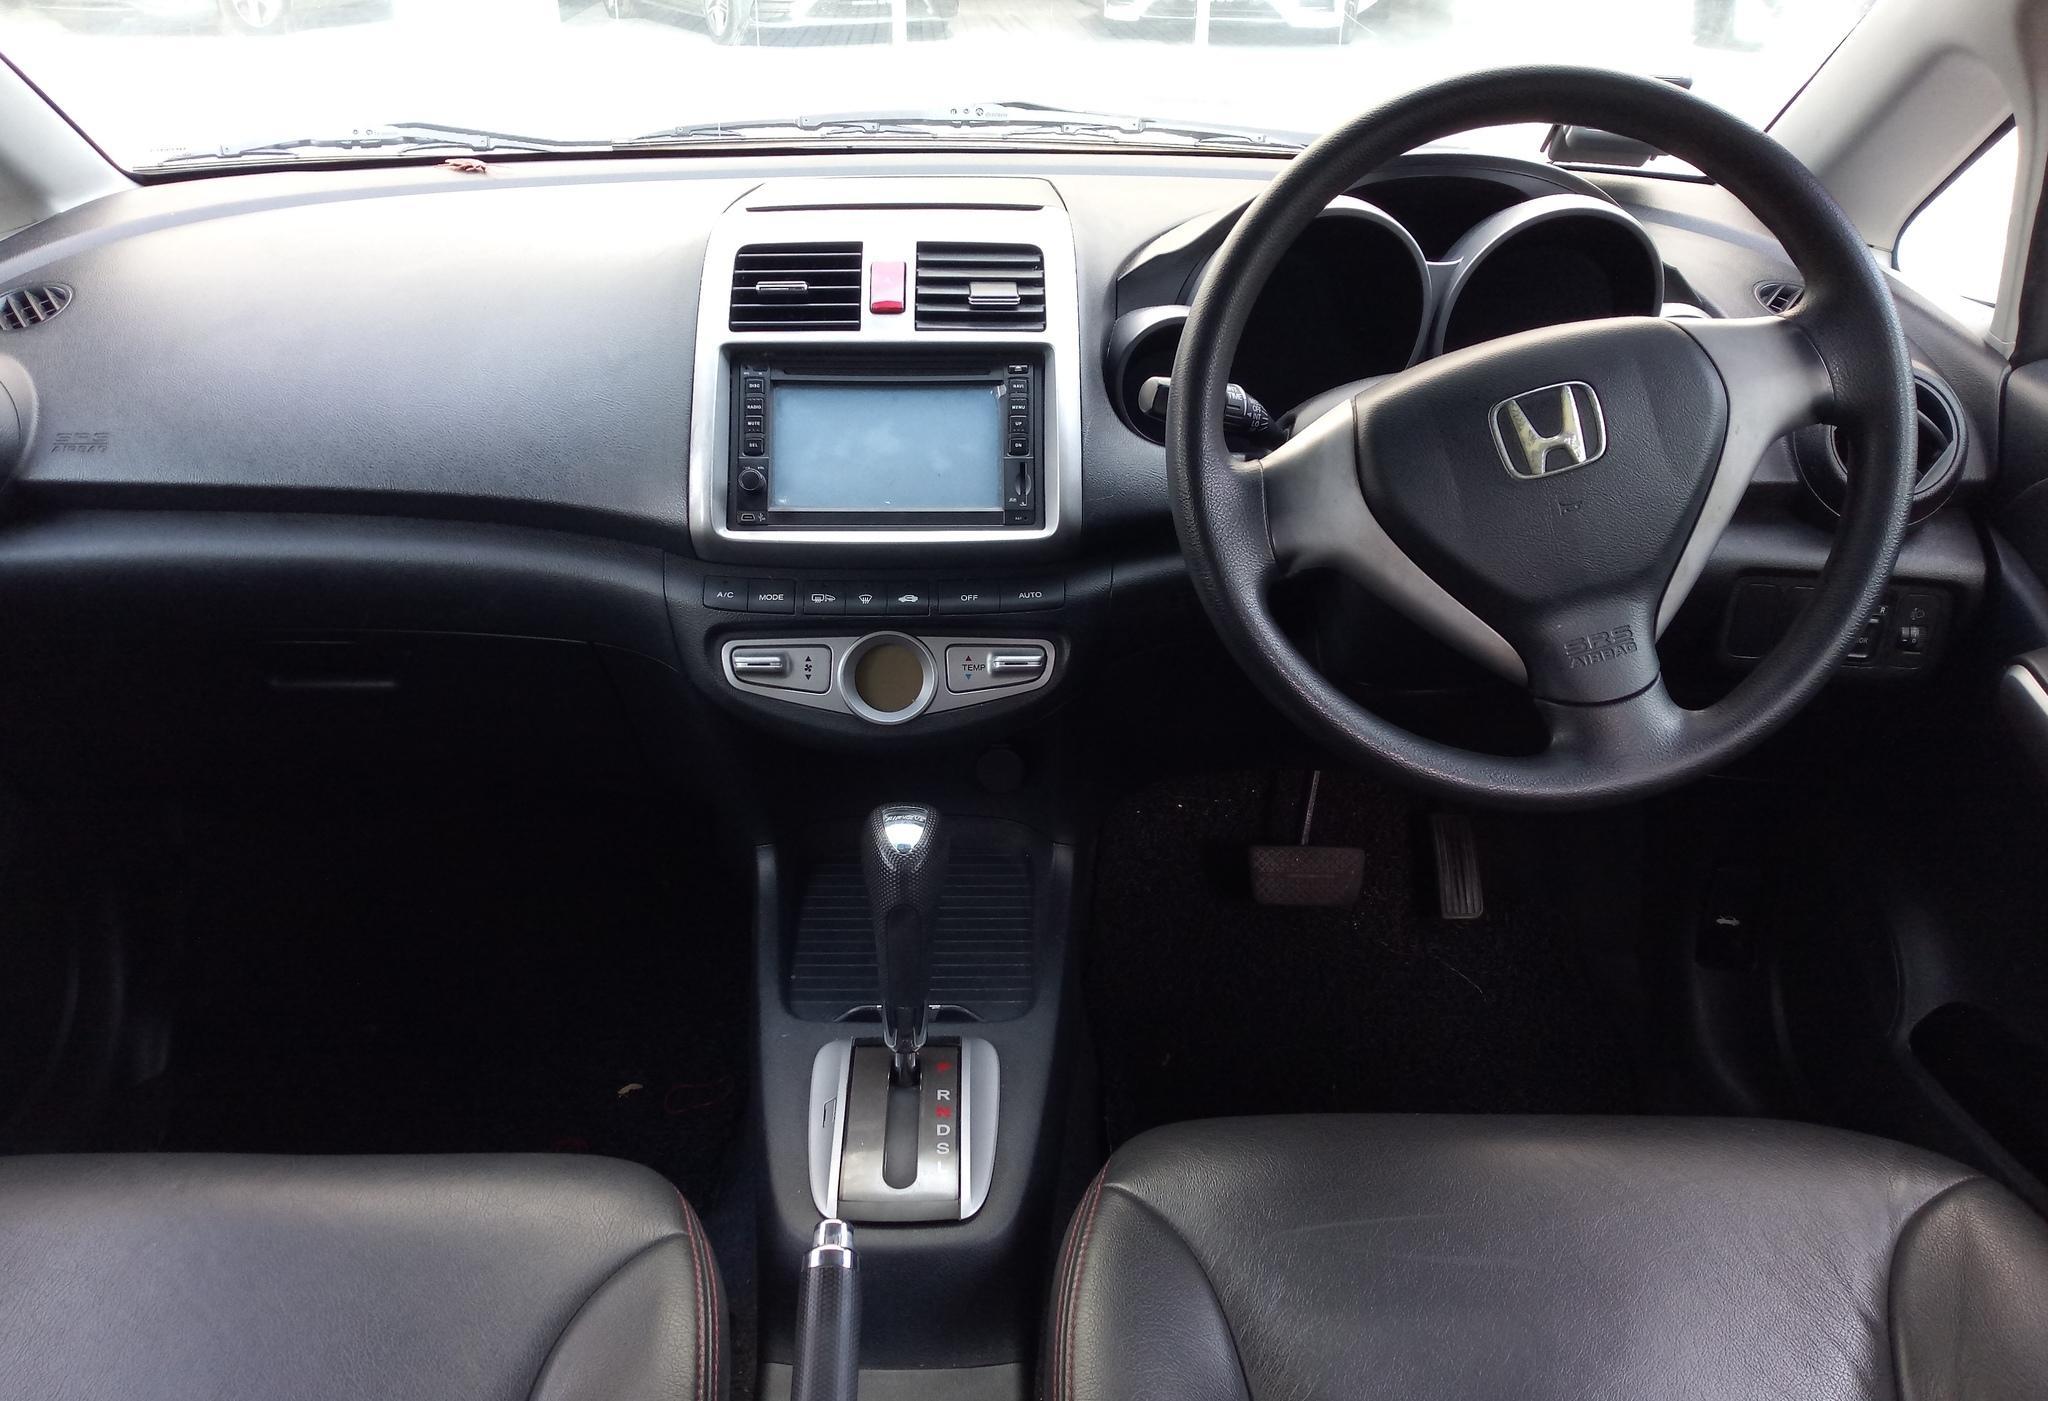 Honda Airwave ~ Comfortable Drive at Low Rental Rate